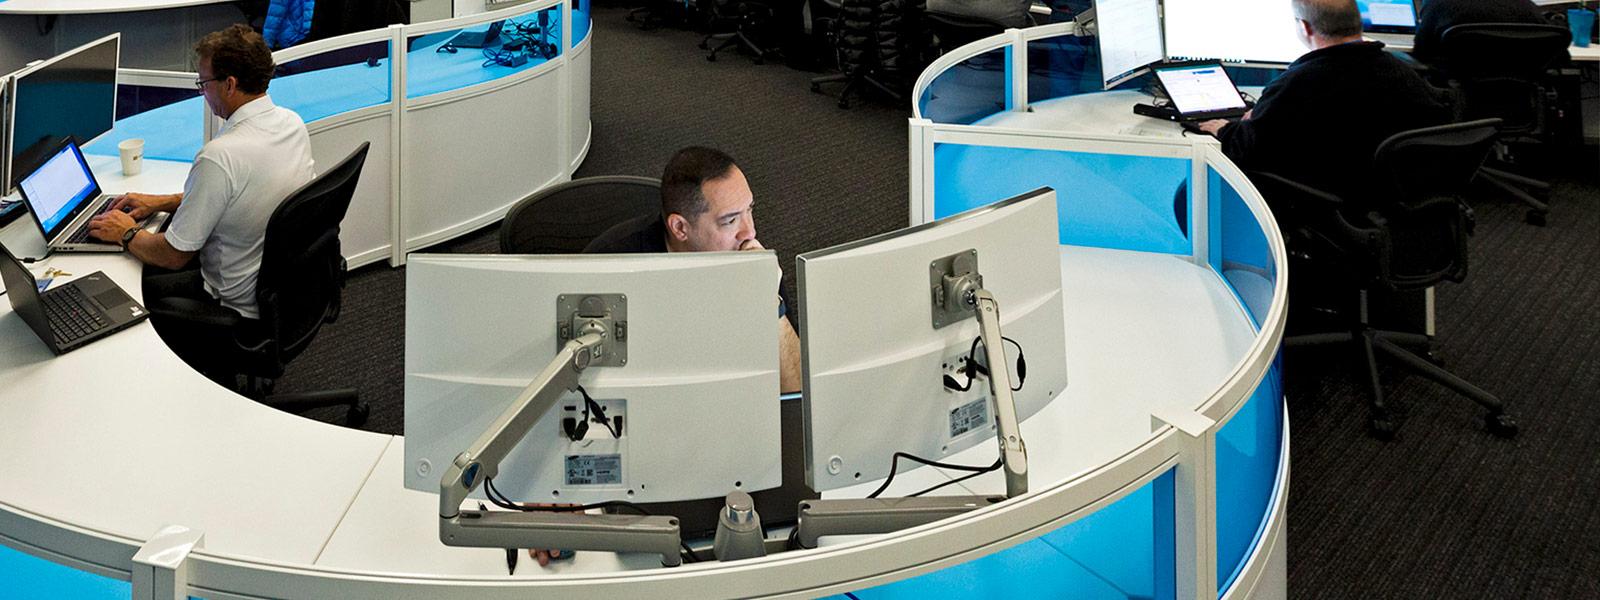 Mand i cybersikkerhedscenter, der kigger på 2 skærme